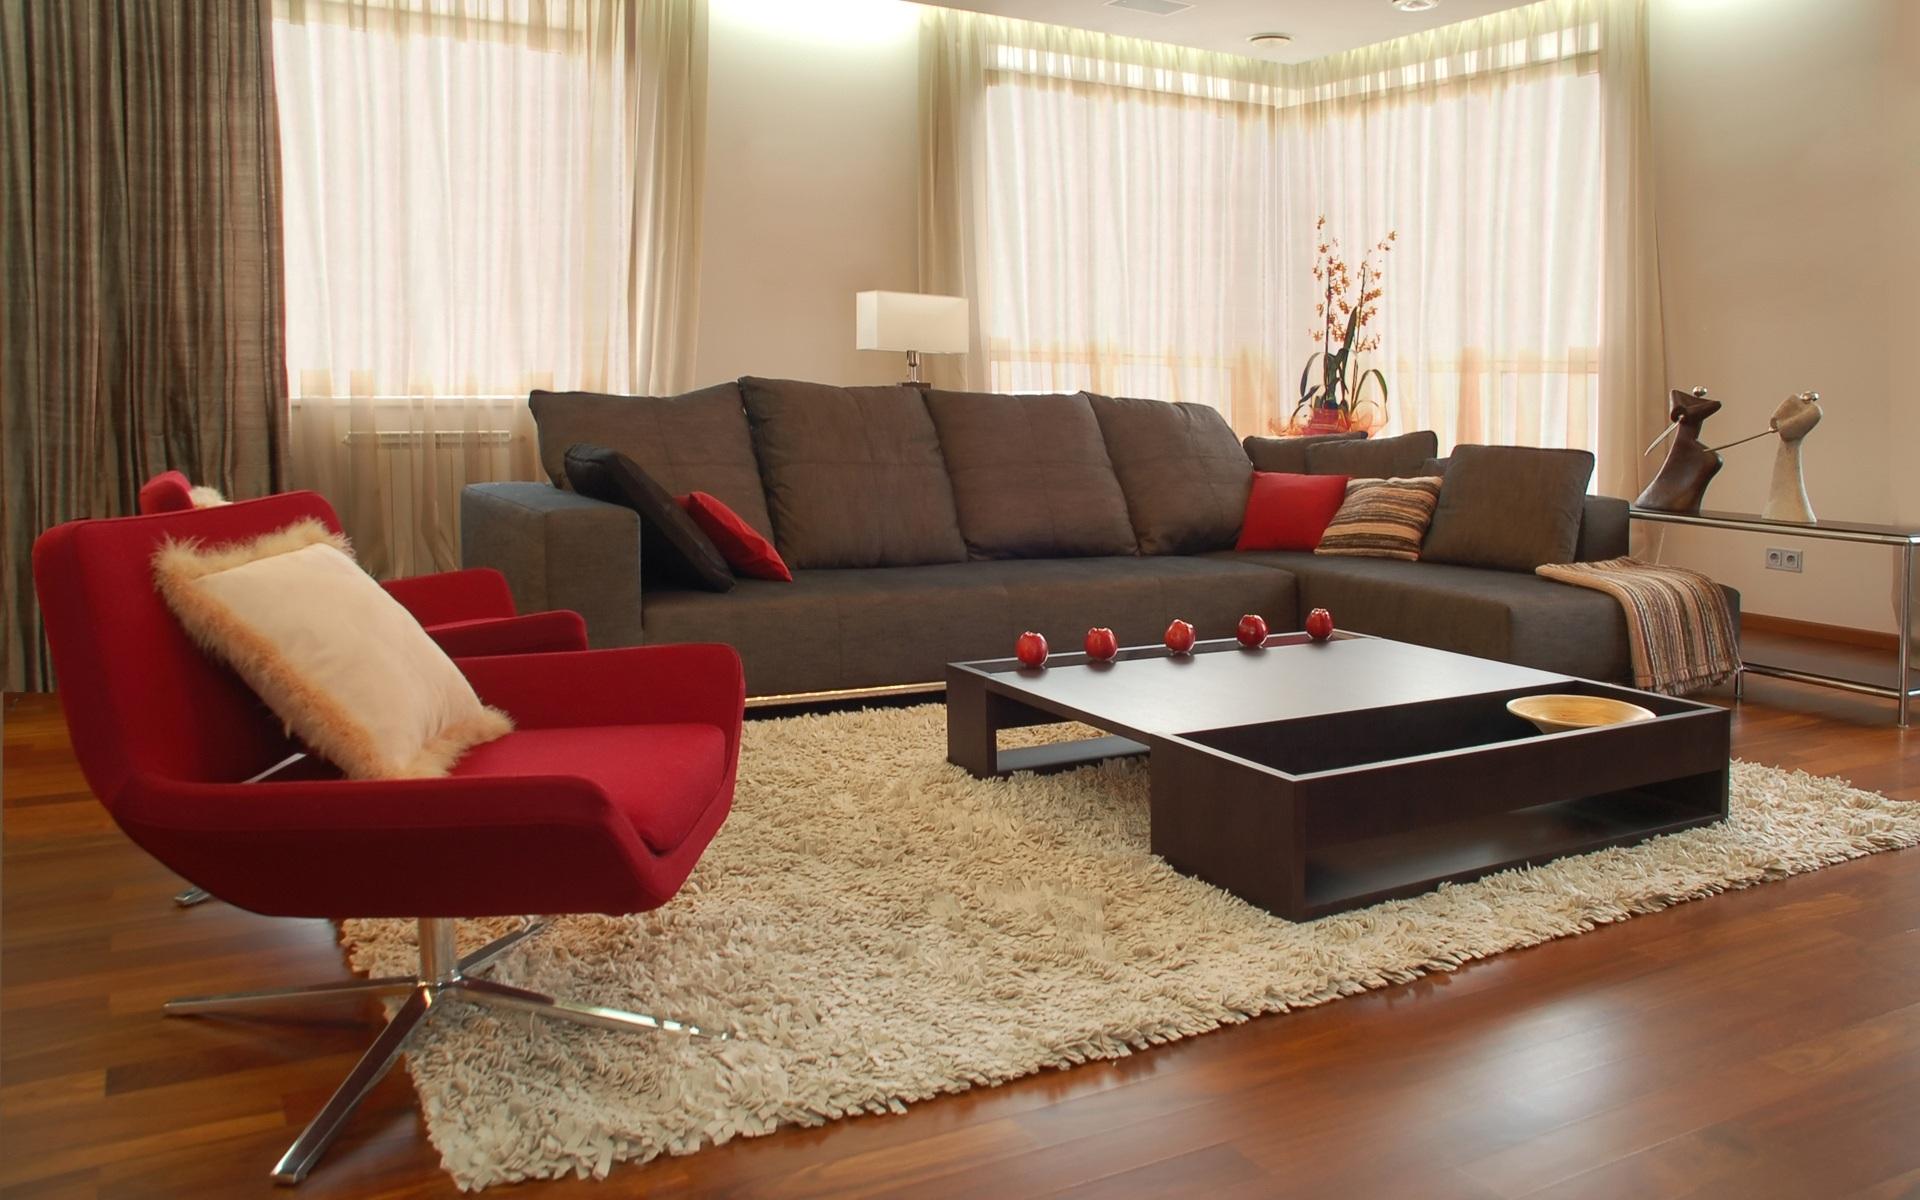 بالصور غرف معيشة , احدث موضة لغرف المعيشة الحديثة 6494 2